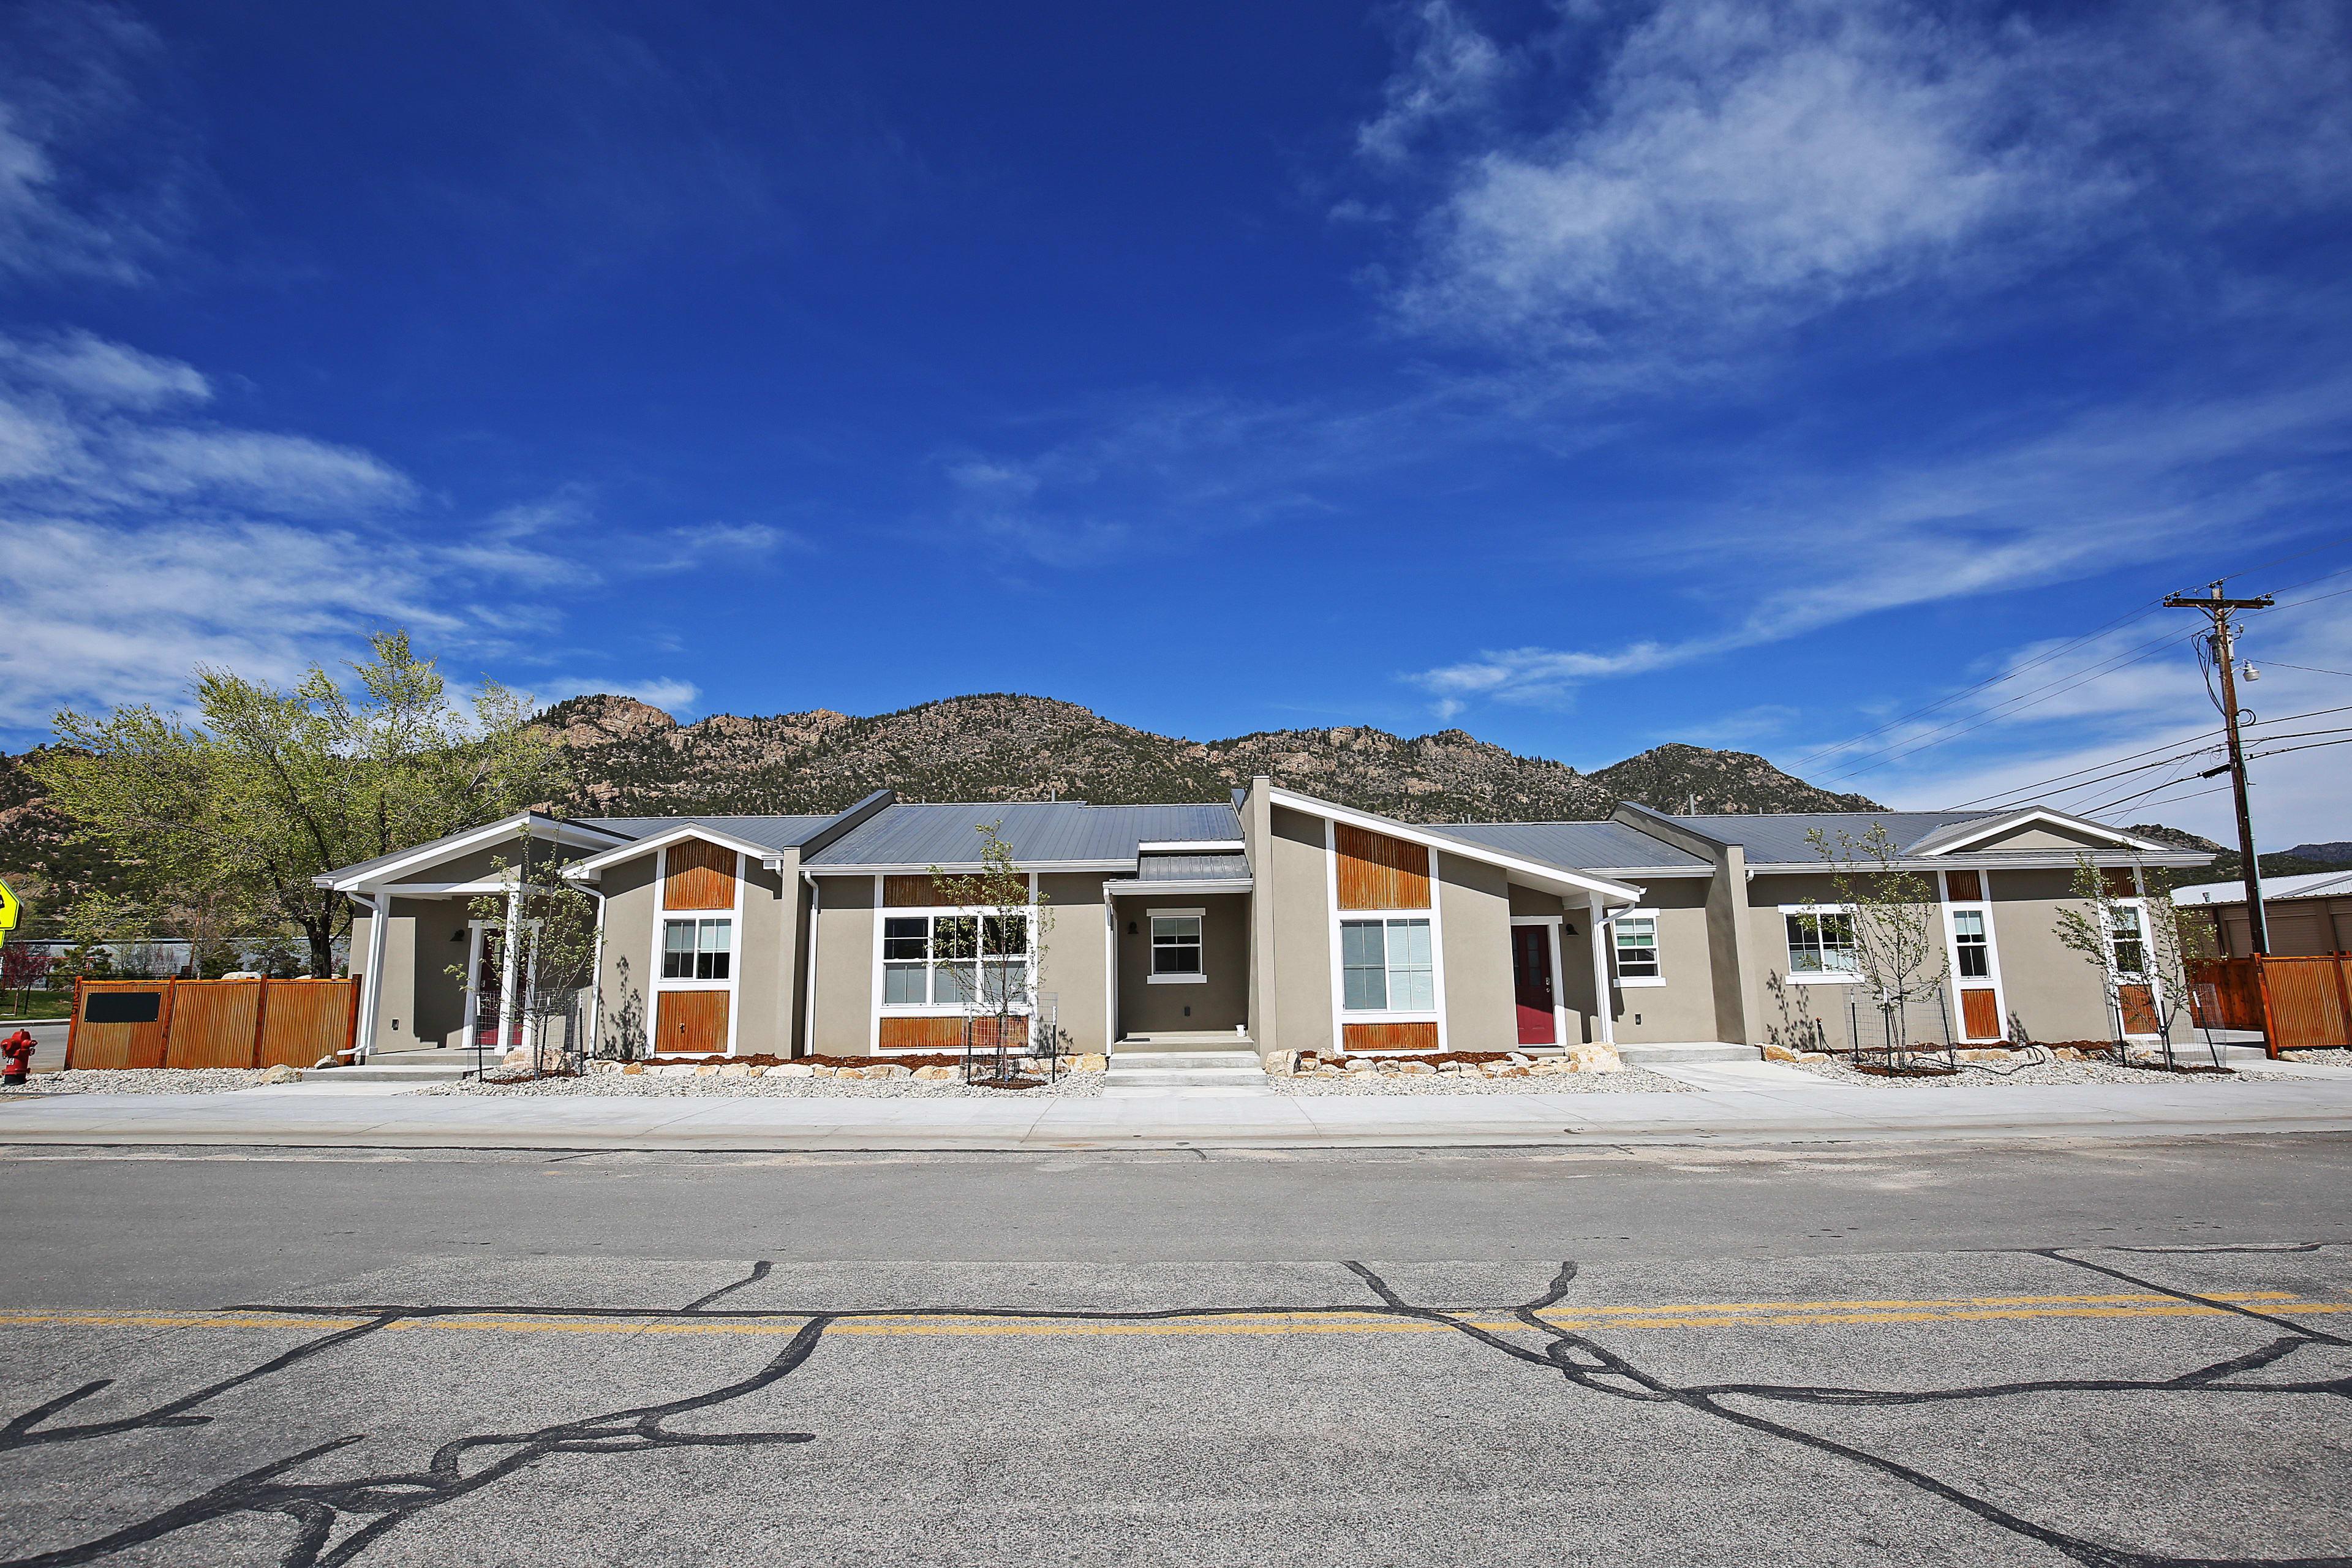 Cottonwood Hot Springs Inn (5.8 Miles) | Mt Princeton Hot Springs (9.3 Miles)